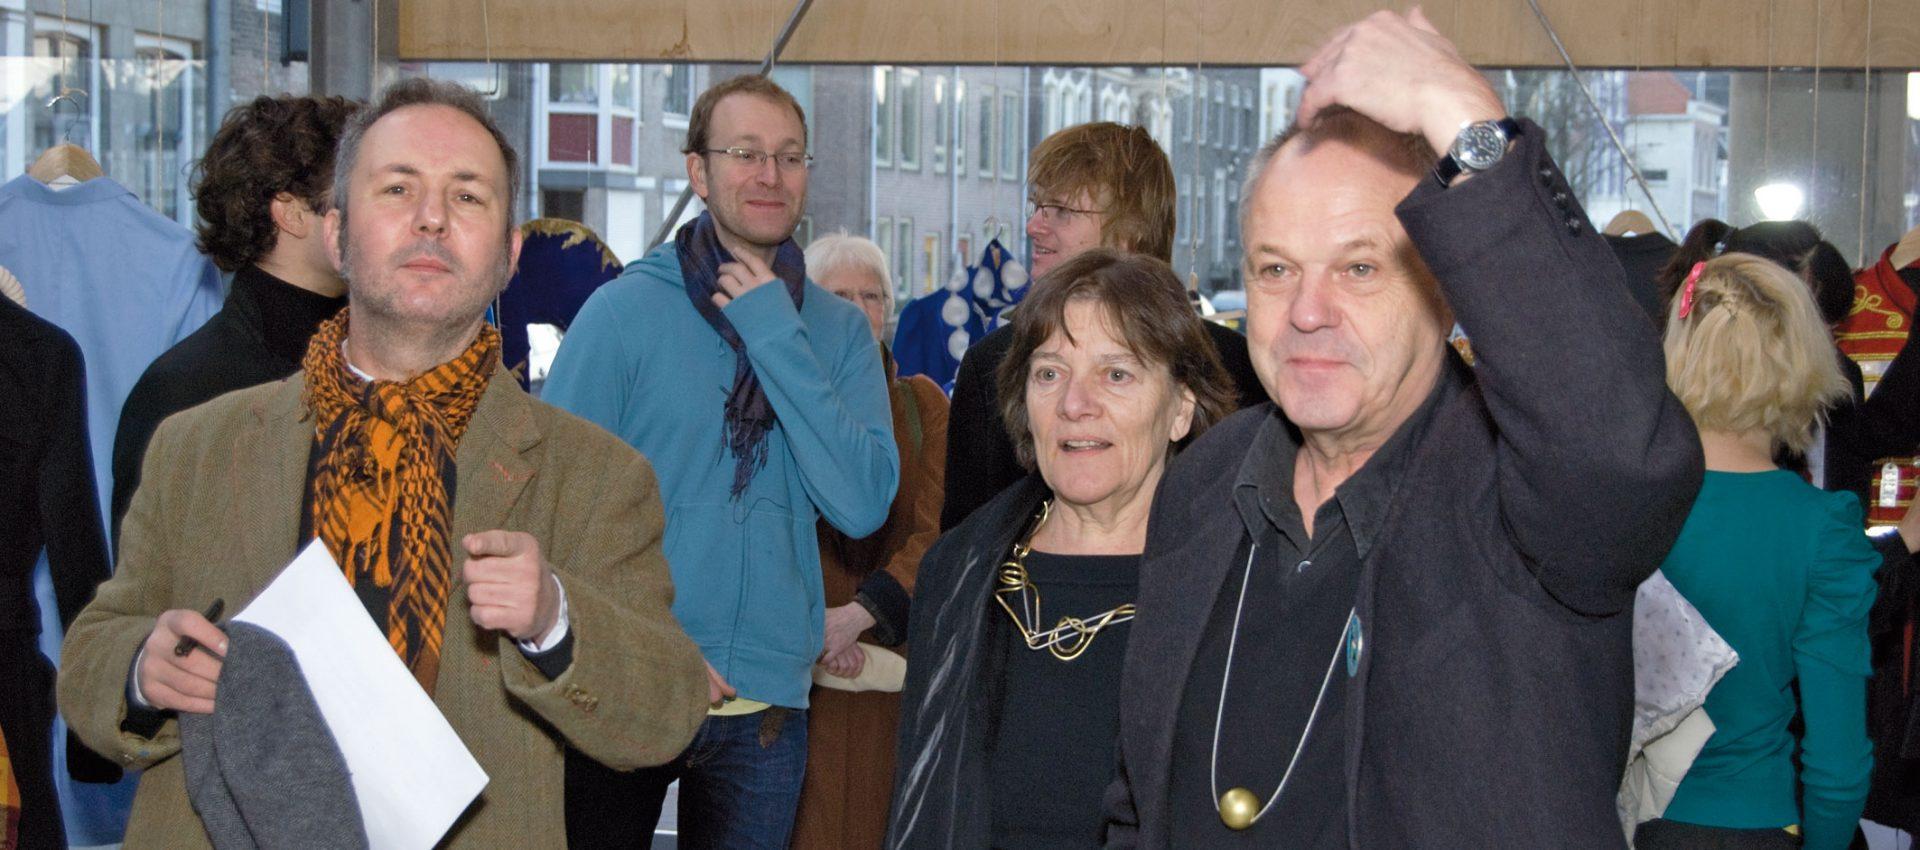 Effe kijken, Hans Stofer, Marie-José van den Hout, en Otto Künzli, Overcoat, RCA, Galerie Marzee, 2009, portret